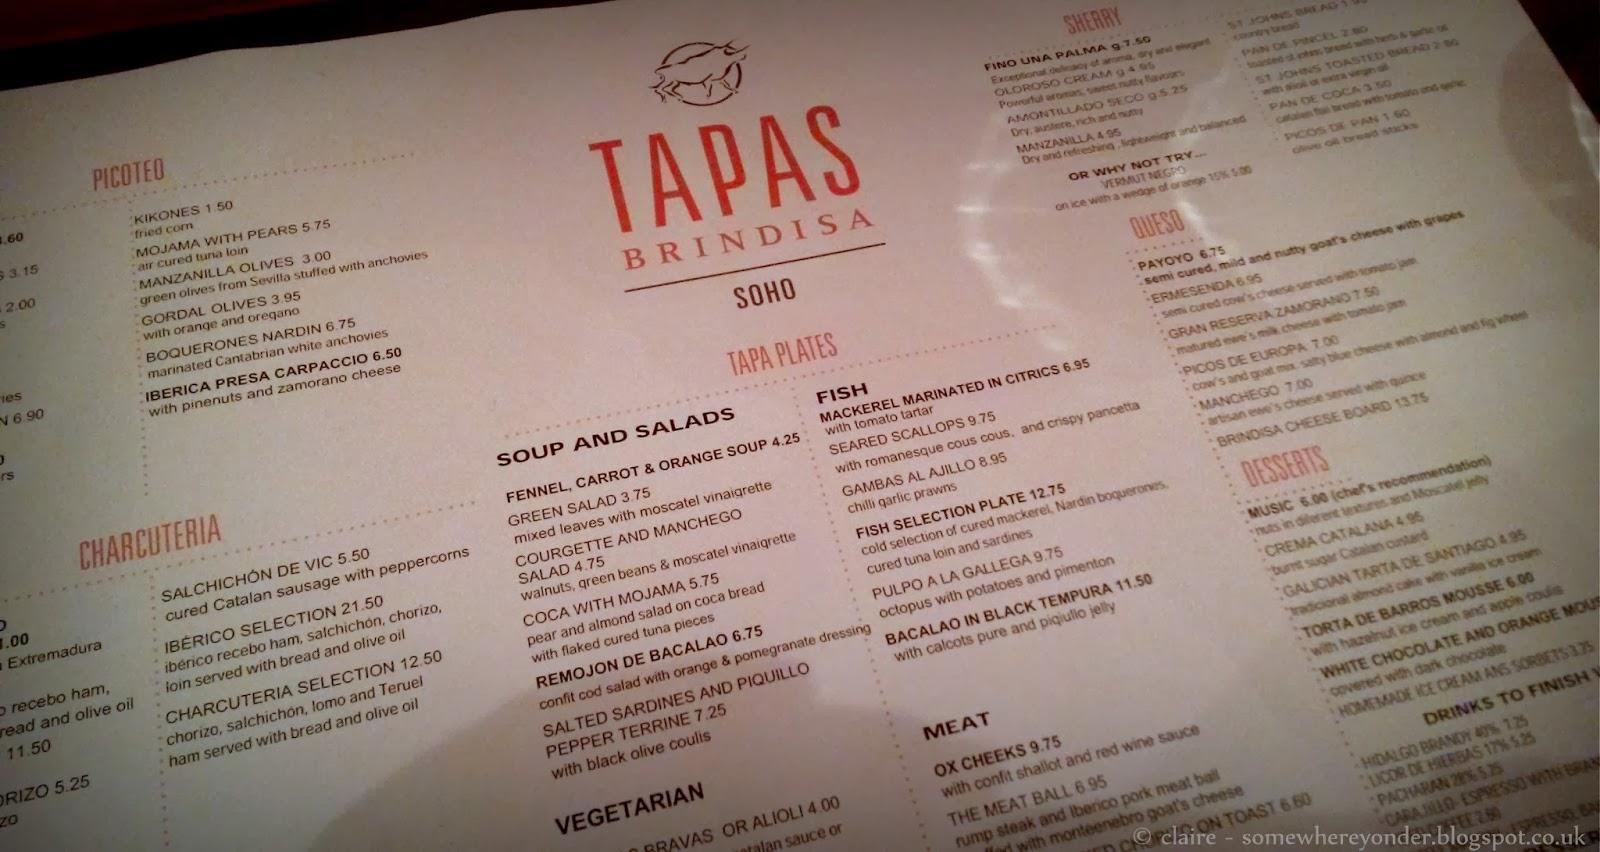 Tapas Brindisa Soho - menu